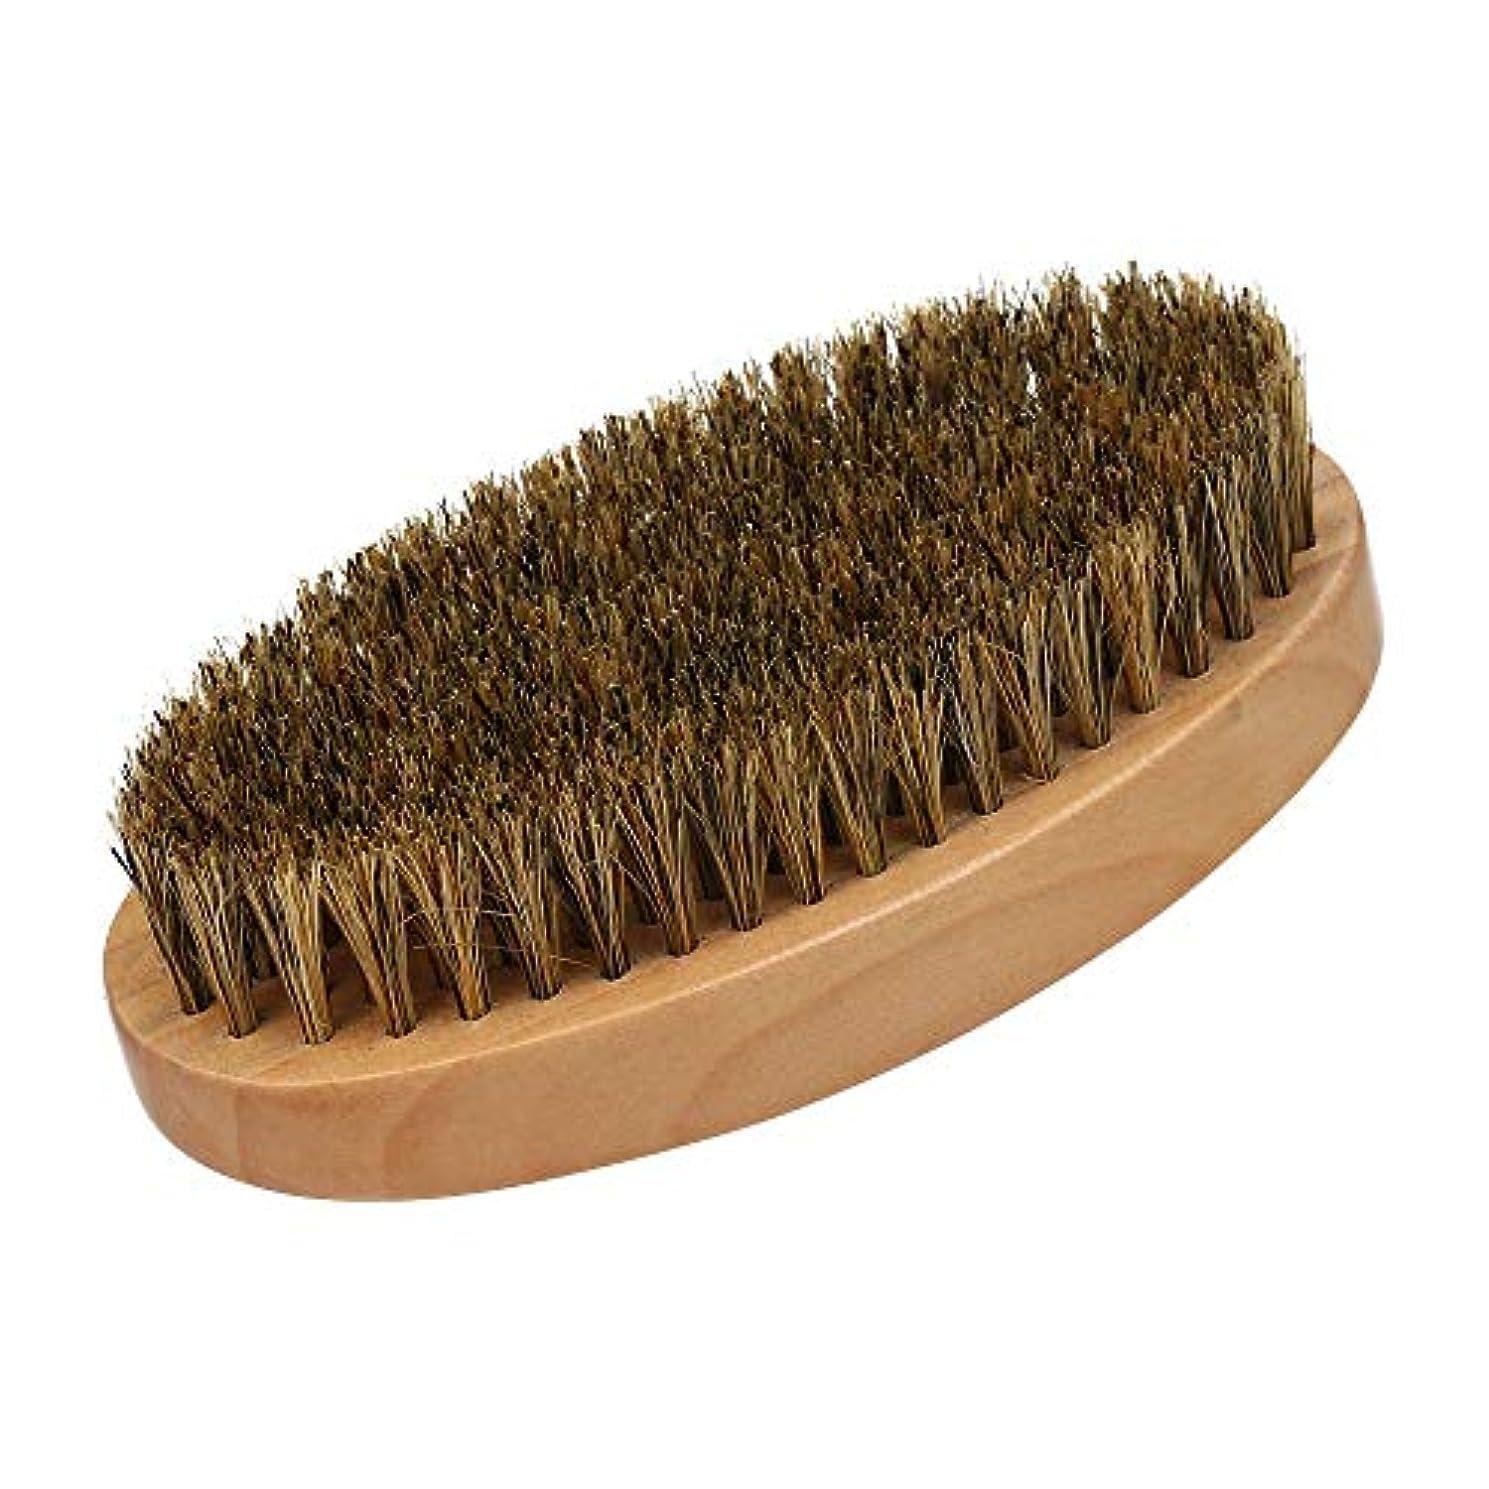 ホステス松科学者Decdeal ひげブラシ シェービング用ブラシ メンズシェービングブラシ髭剃り